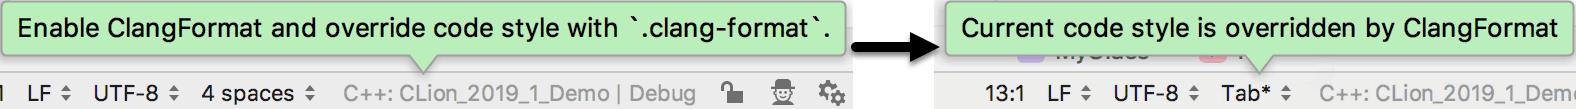 clangformat notifications